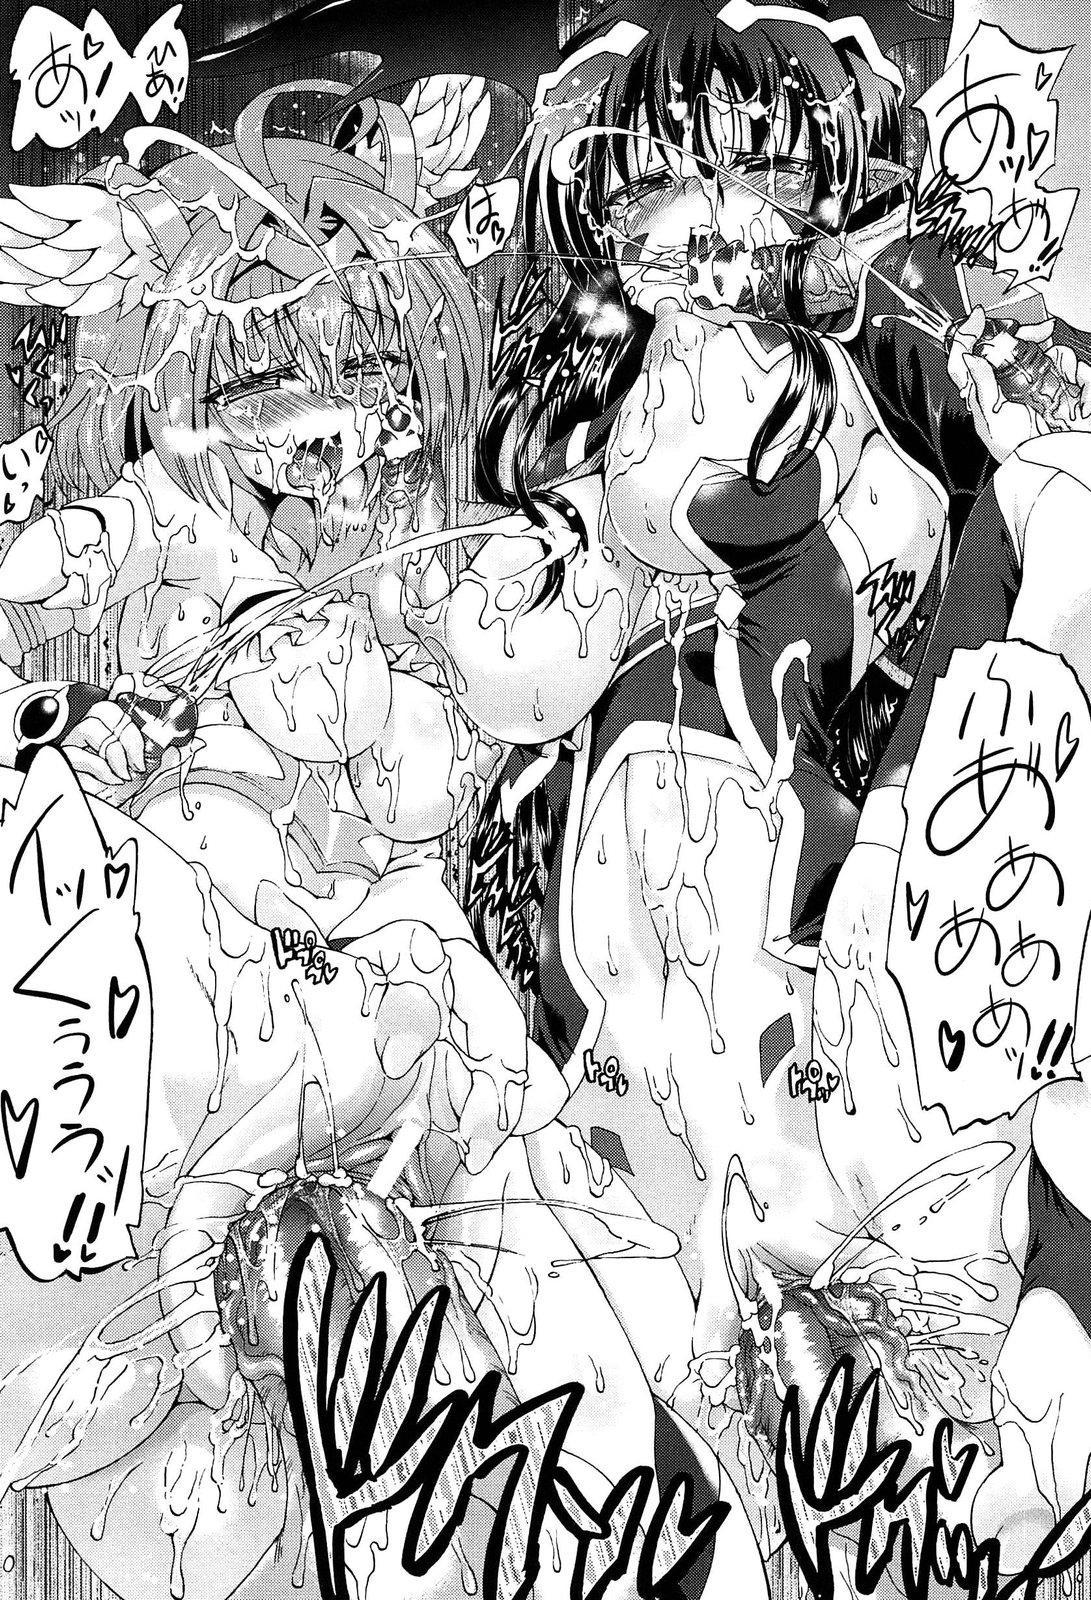 Eroge o Tsukurou! Genteiban - Let's develop the adult game together 176